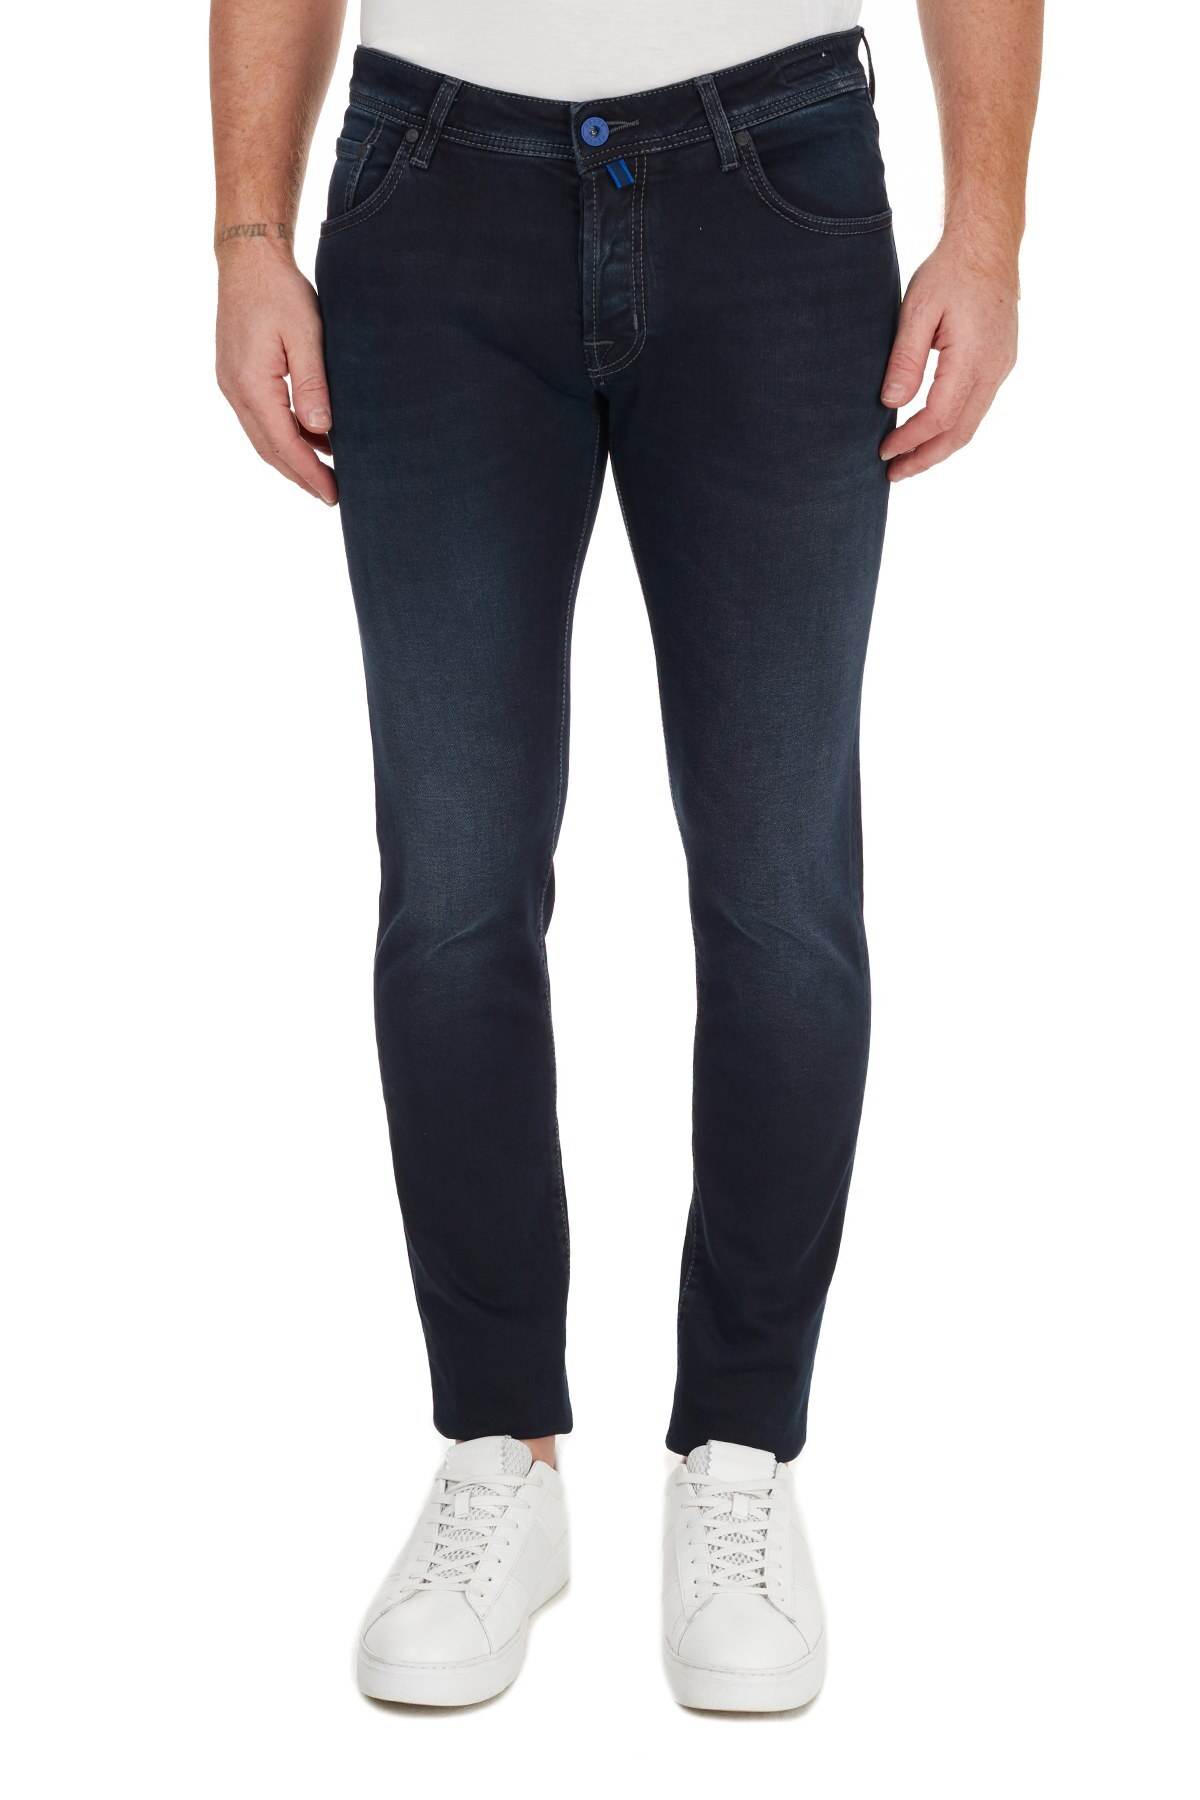 Jacob Cohen Slim Fit Pamuklu Jeans Erkek Kot Pantolon J622 SLIM 02060W2 LACİVERT